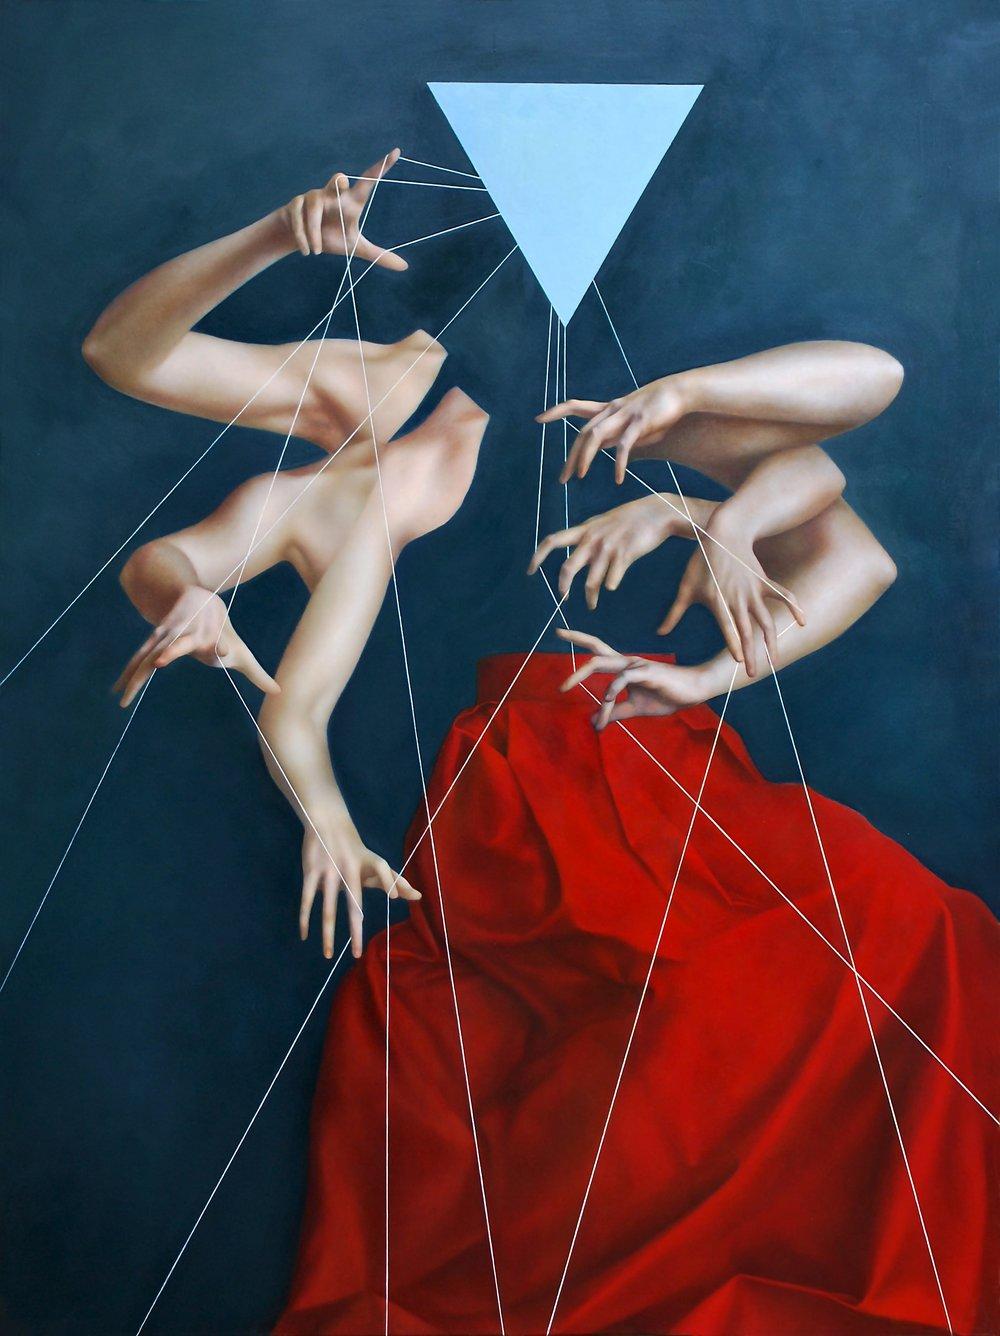 Moirai Blue, oil on canvas, 160 x 120 cm, 2015